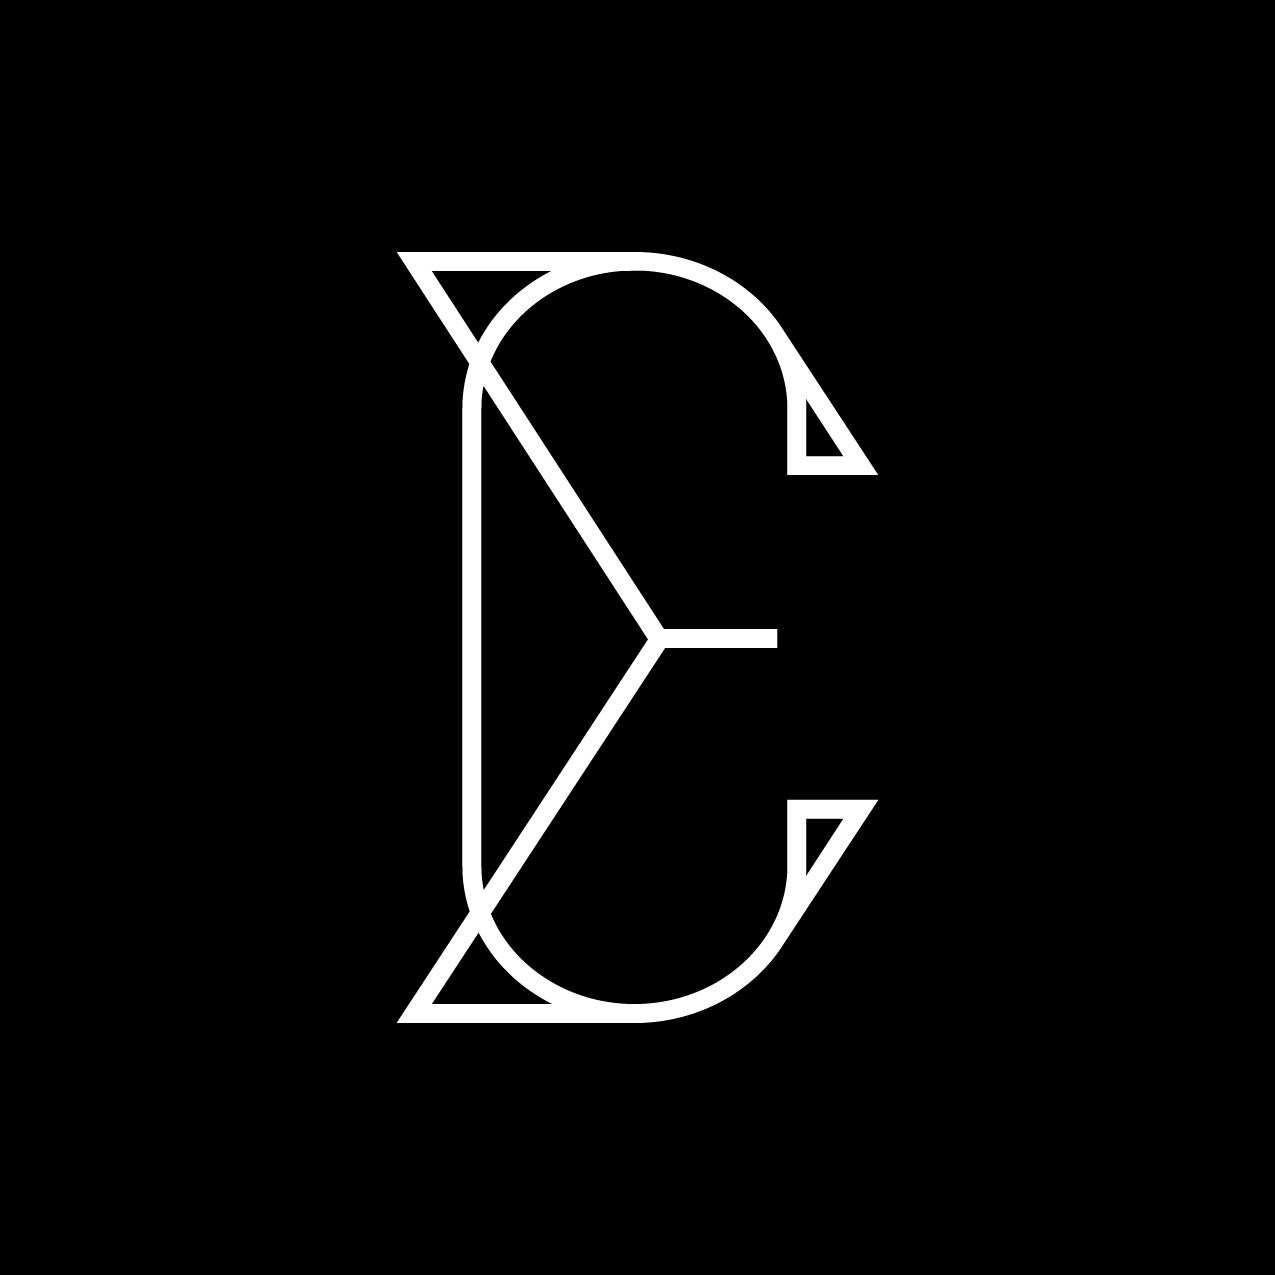 Letter E8 design by Furia